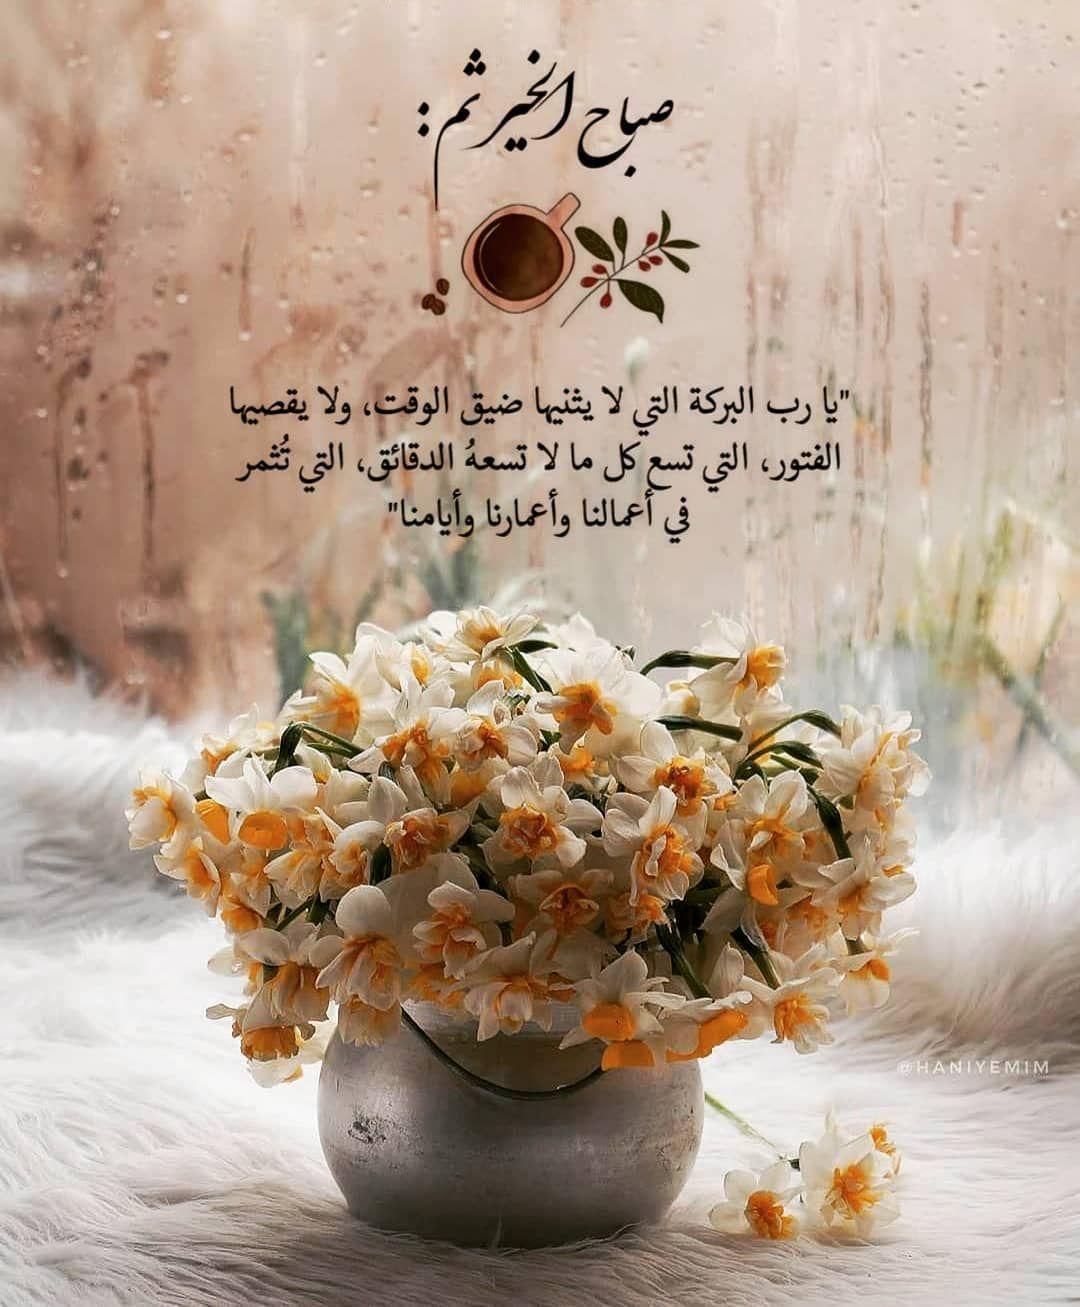 مساء الخير شعر Morning Greeting Morning Images Funny Arabic Quotes